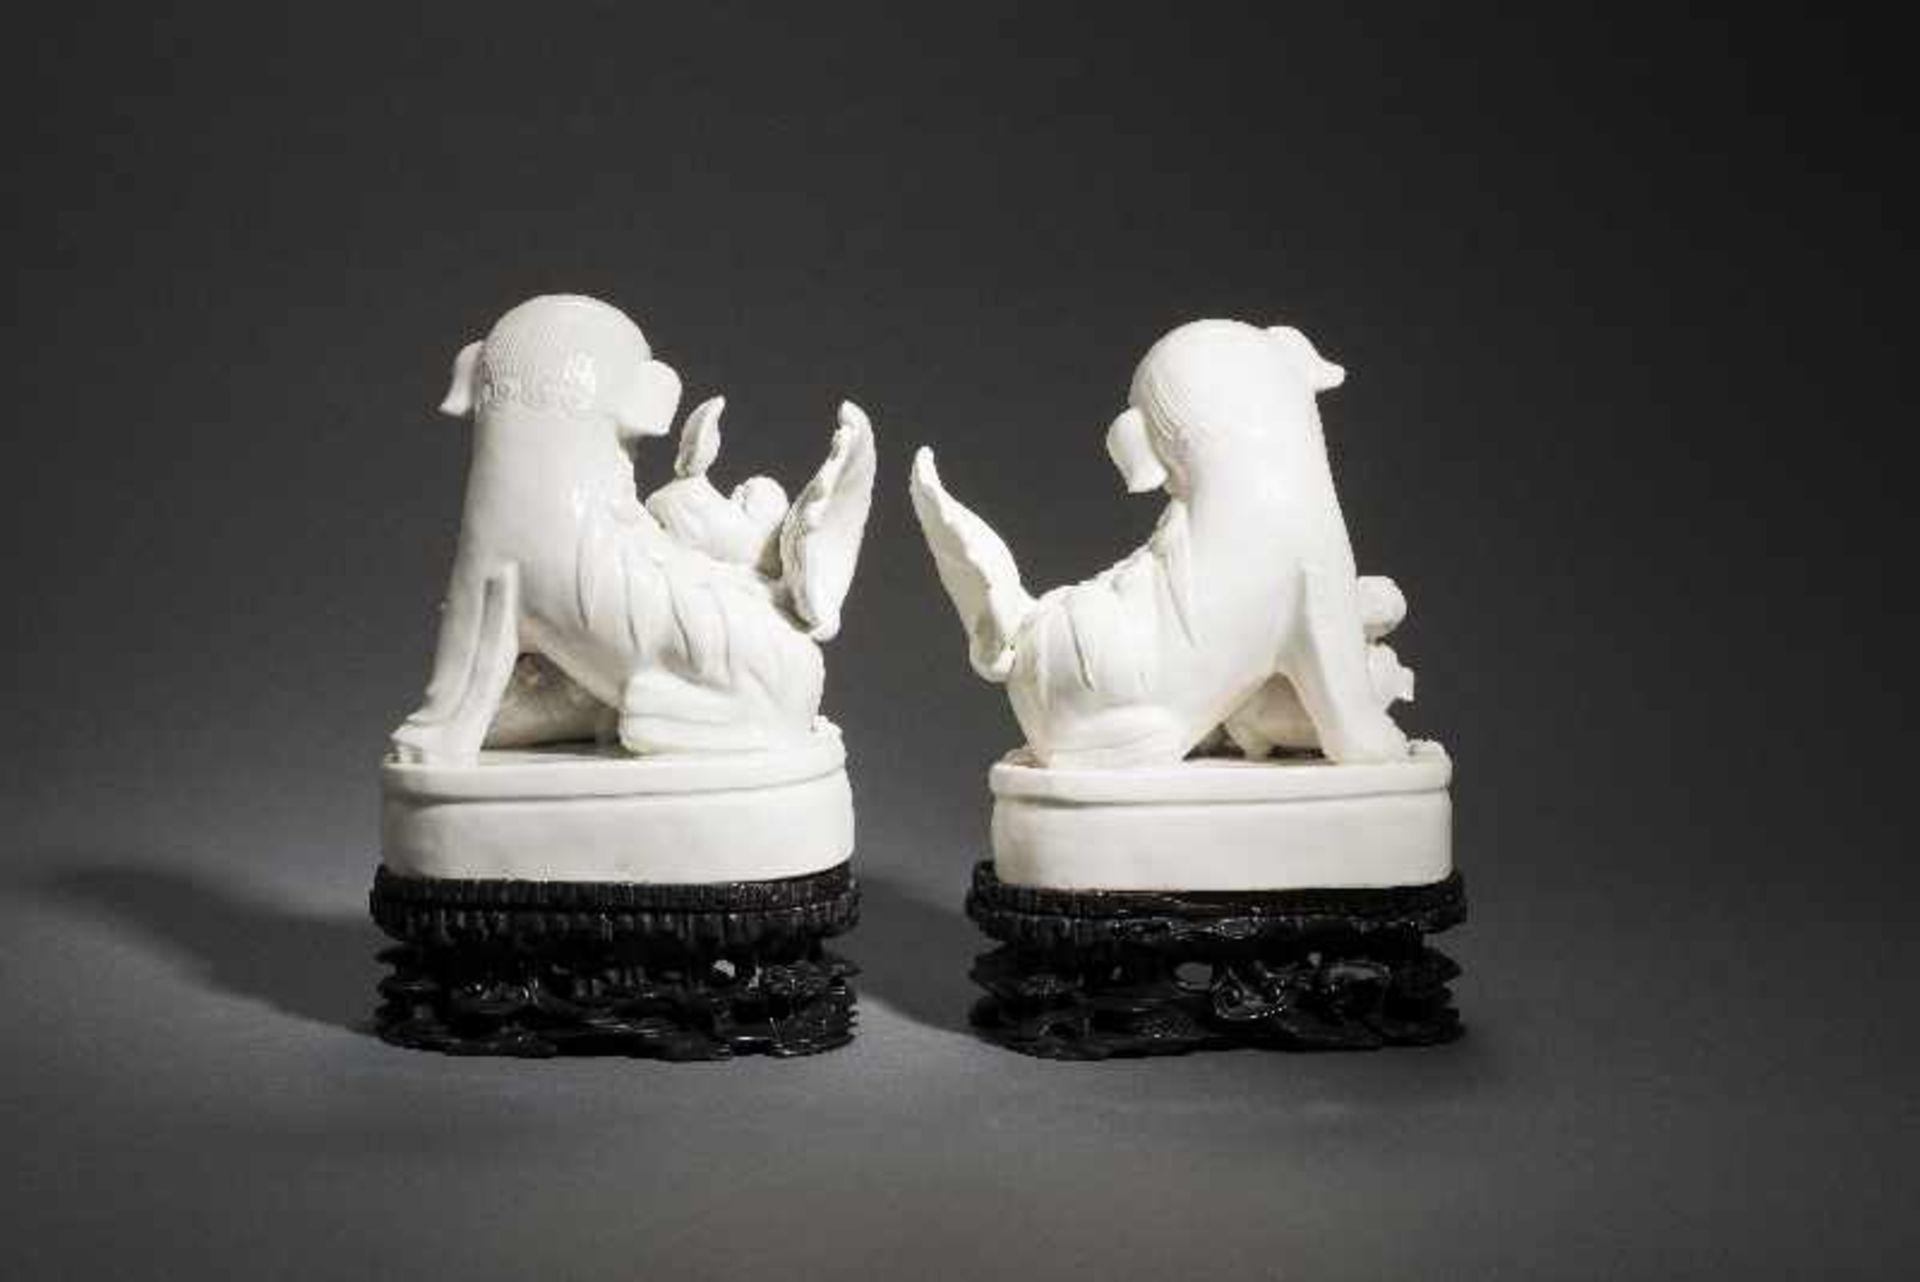 PAAR PALASTLÖWEN AUF SOCKELNBlanc de Chine-Porzellan aus Dehua und Holz. China, Qing 18. Jh. Zwei - Image 5 of 9